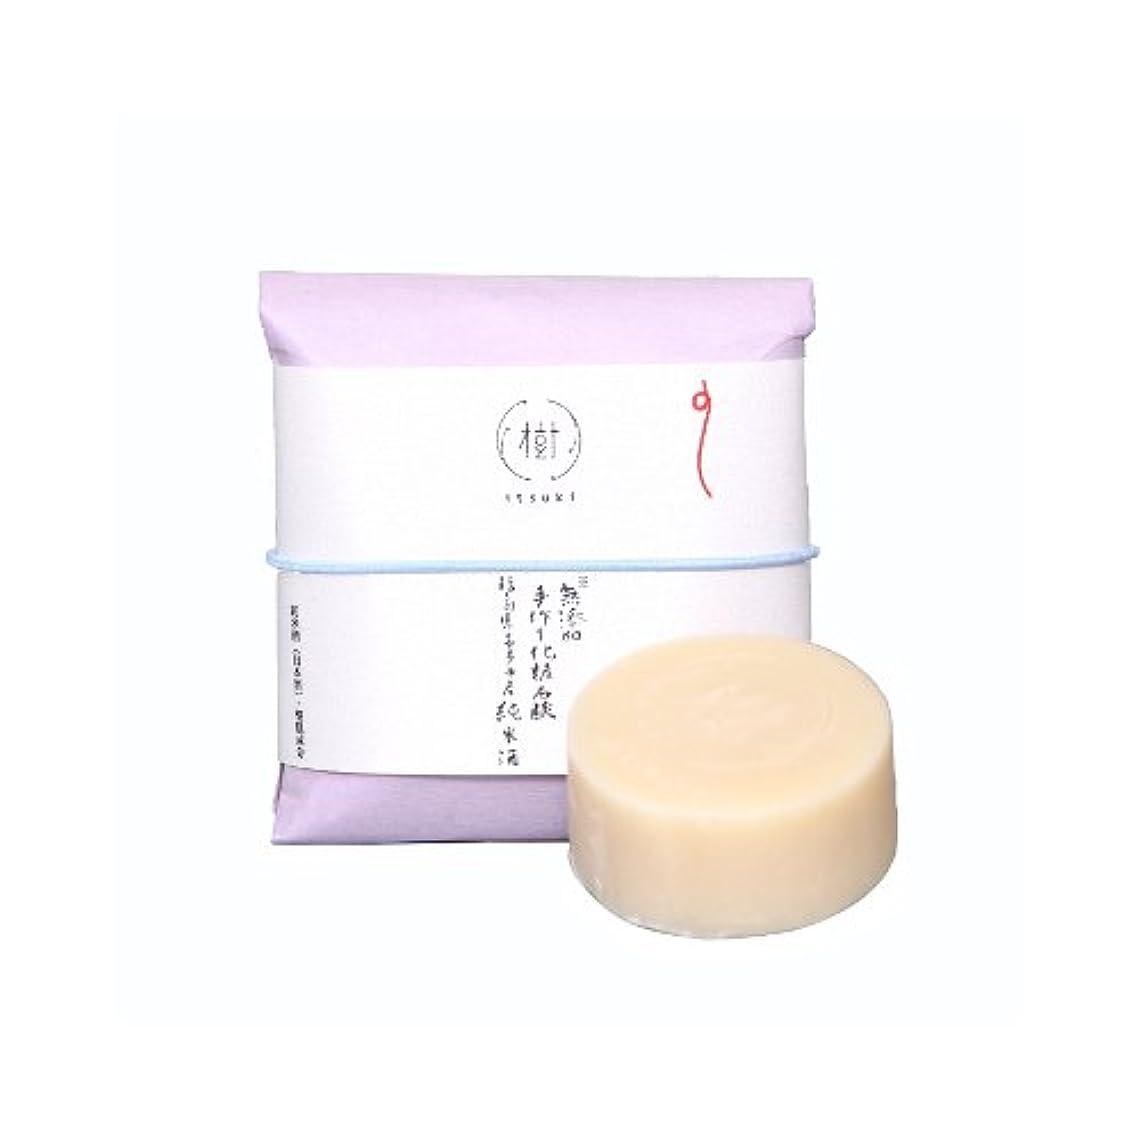 樹 無添加手作り化粧石鹸60g 福島県喜多方産 純米酒